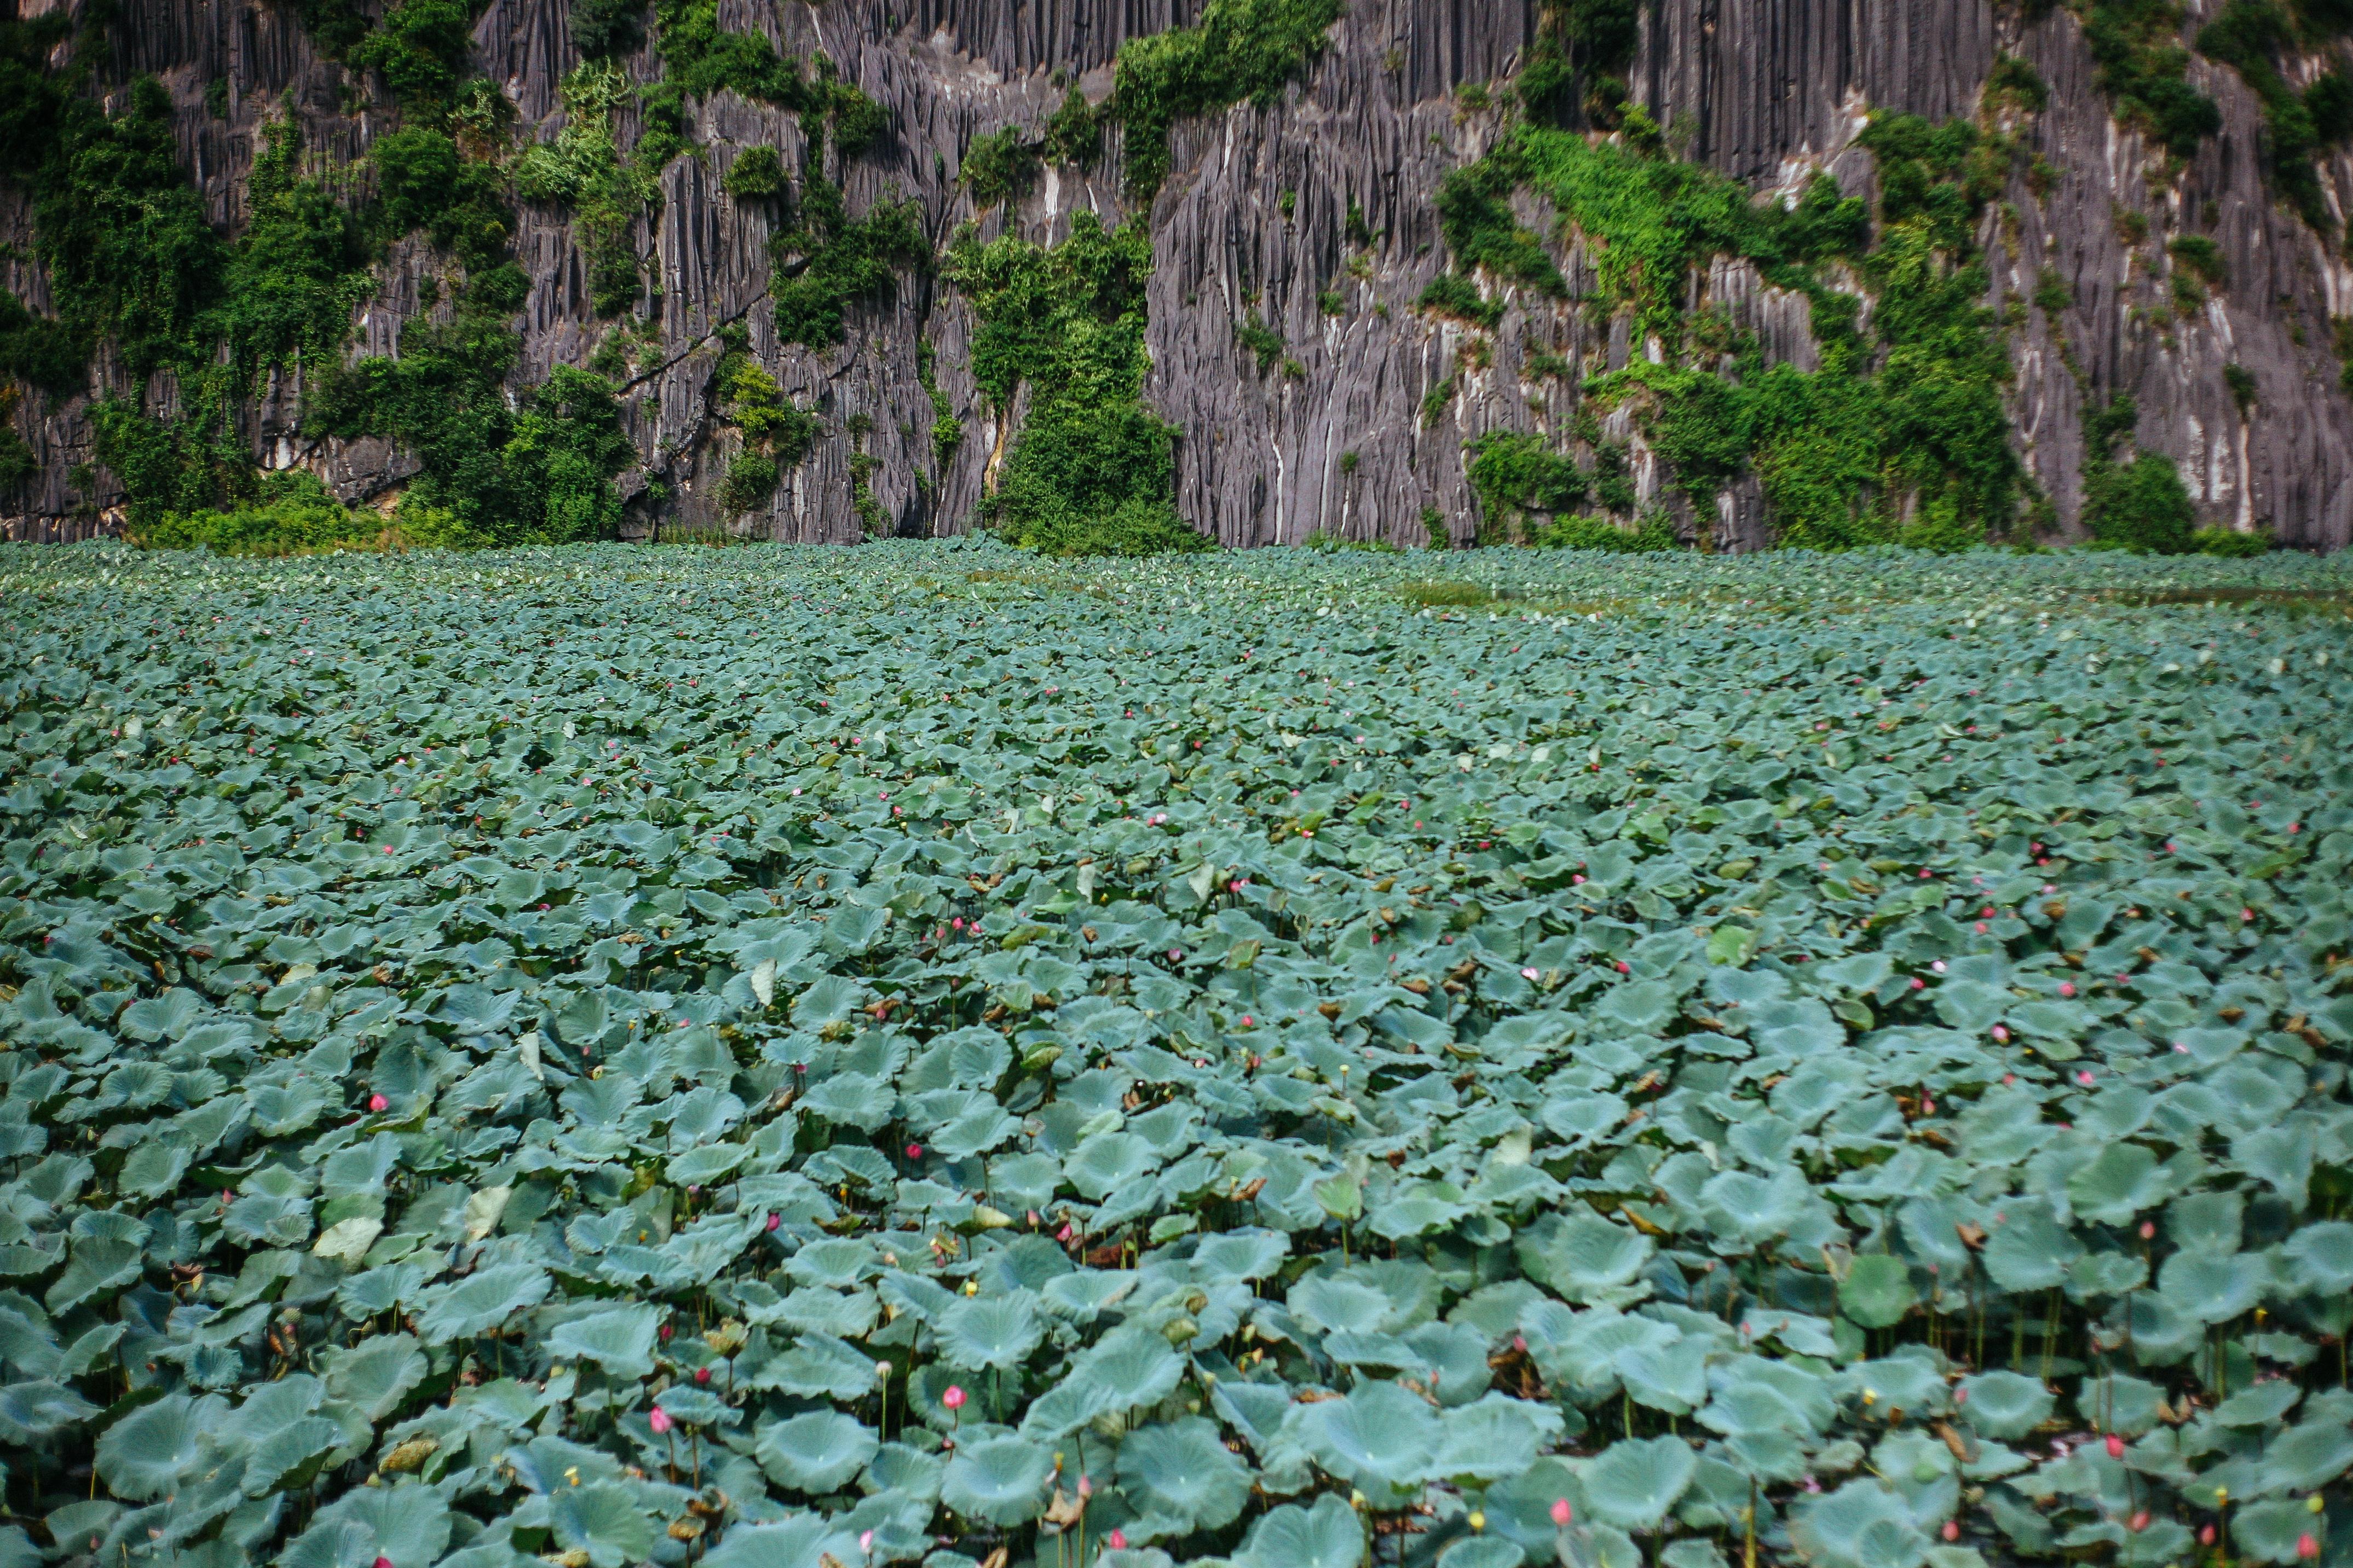 Sau Kong: Skull Island, hãy tới ngay Ninh Bình vì mùa xuân đang là thời điểm nơi đây đẹp nhất! - Ảnh 2.